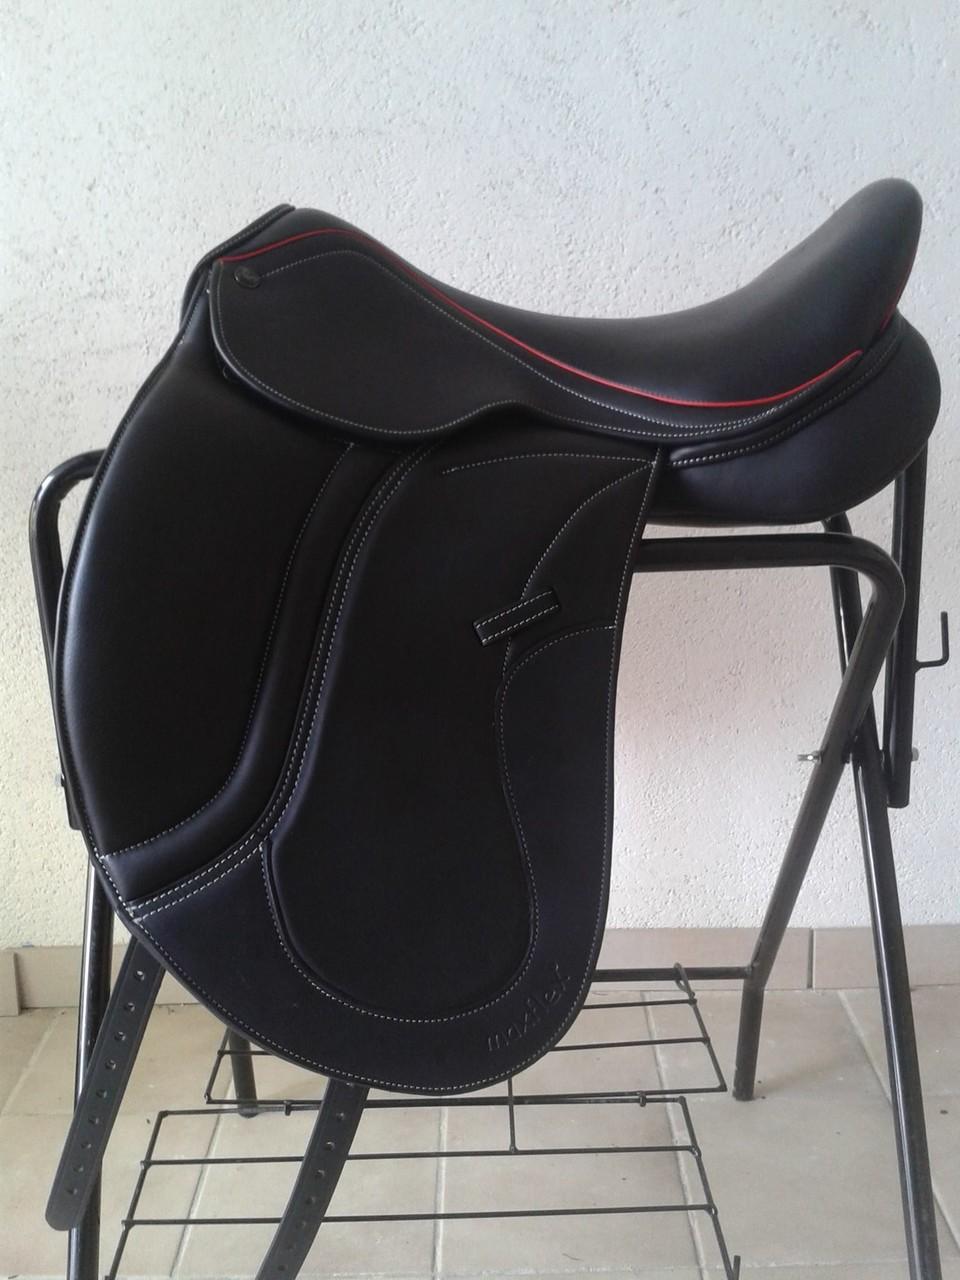 Bella Premium schwarz mit weißer Naht und rotem Keder